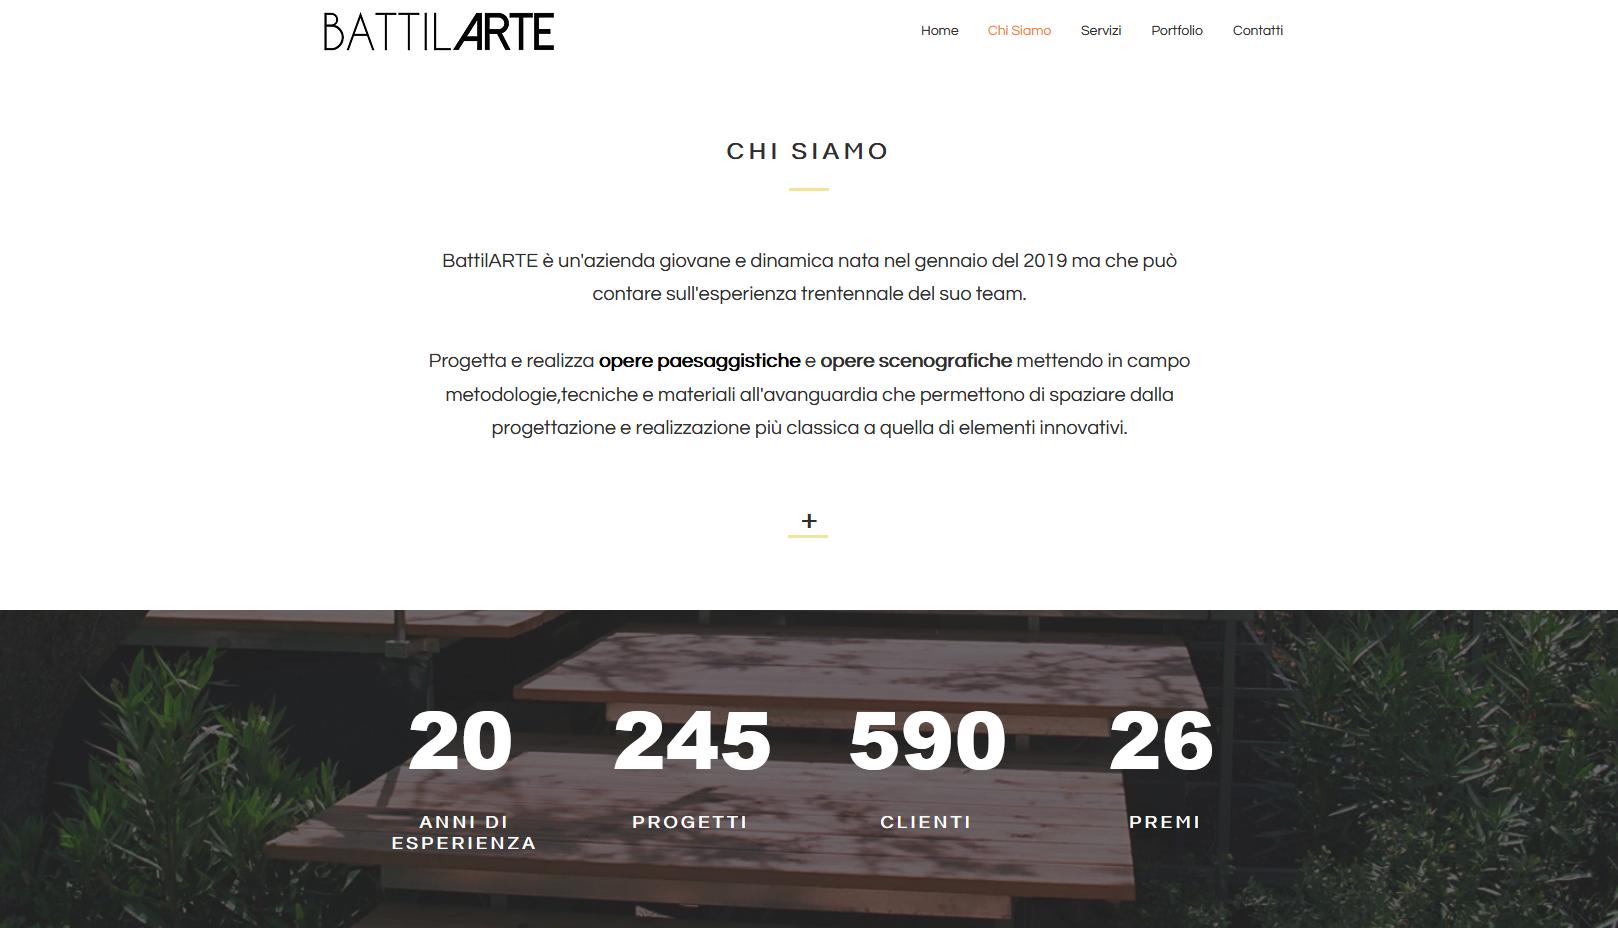 Screenshot_2020-03-06 Home Battilarte(1)